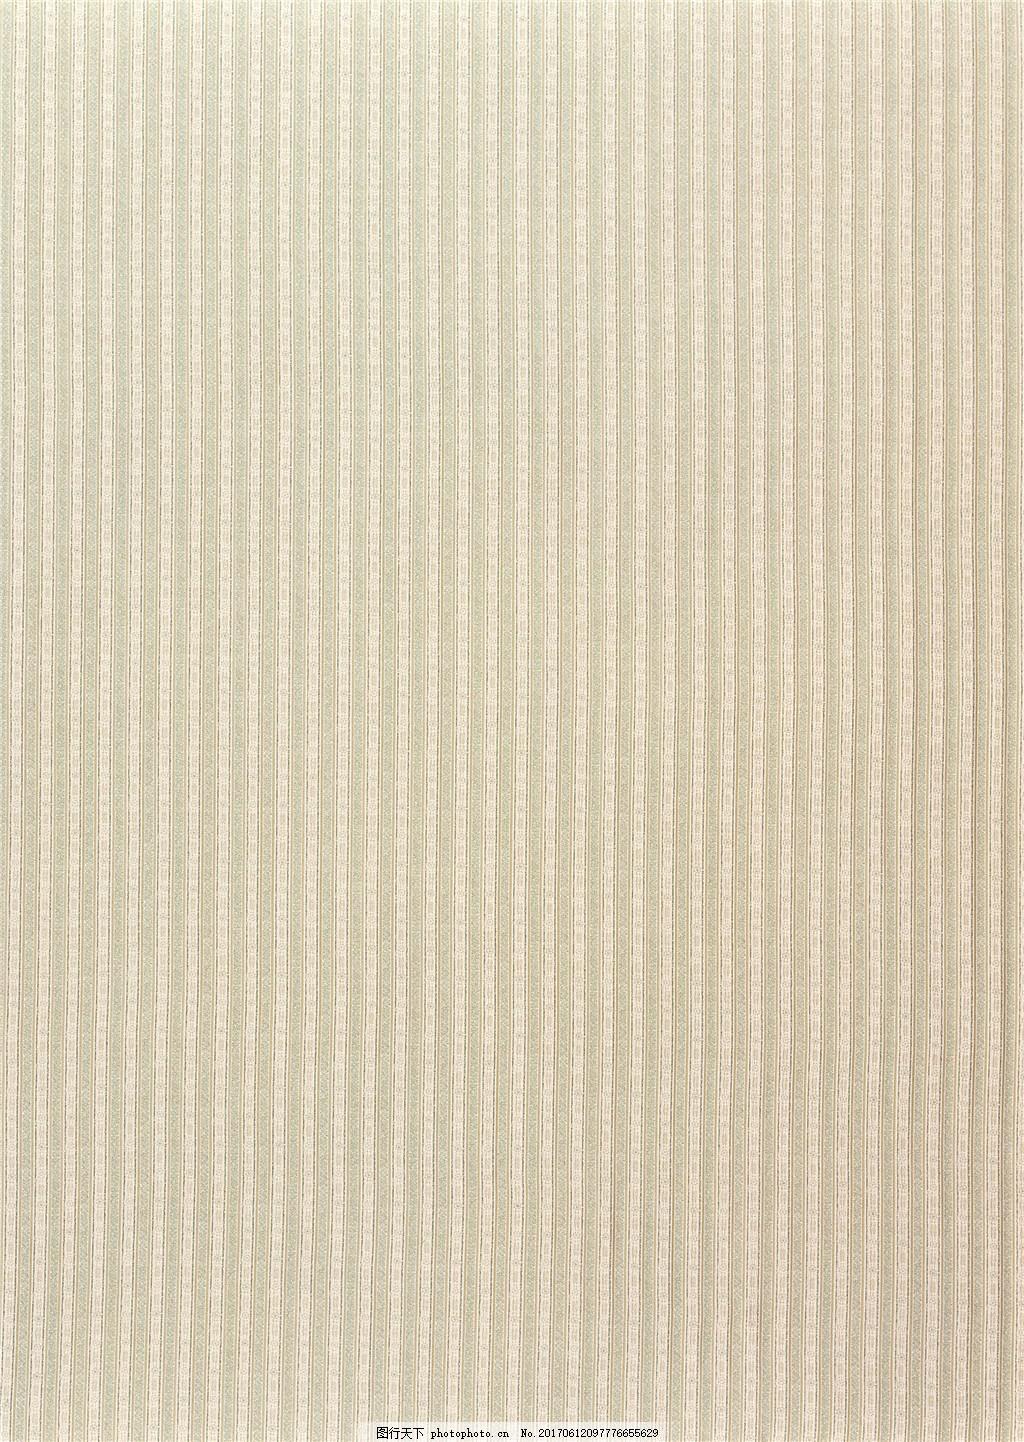 无缝壁纸素材 欧式花纹 壁纸图片下载 装饰设计 装饰素材 米黄色 布纹